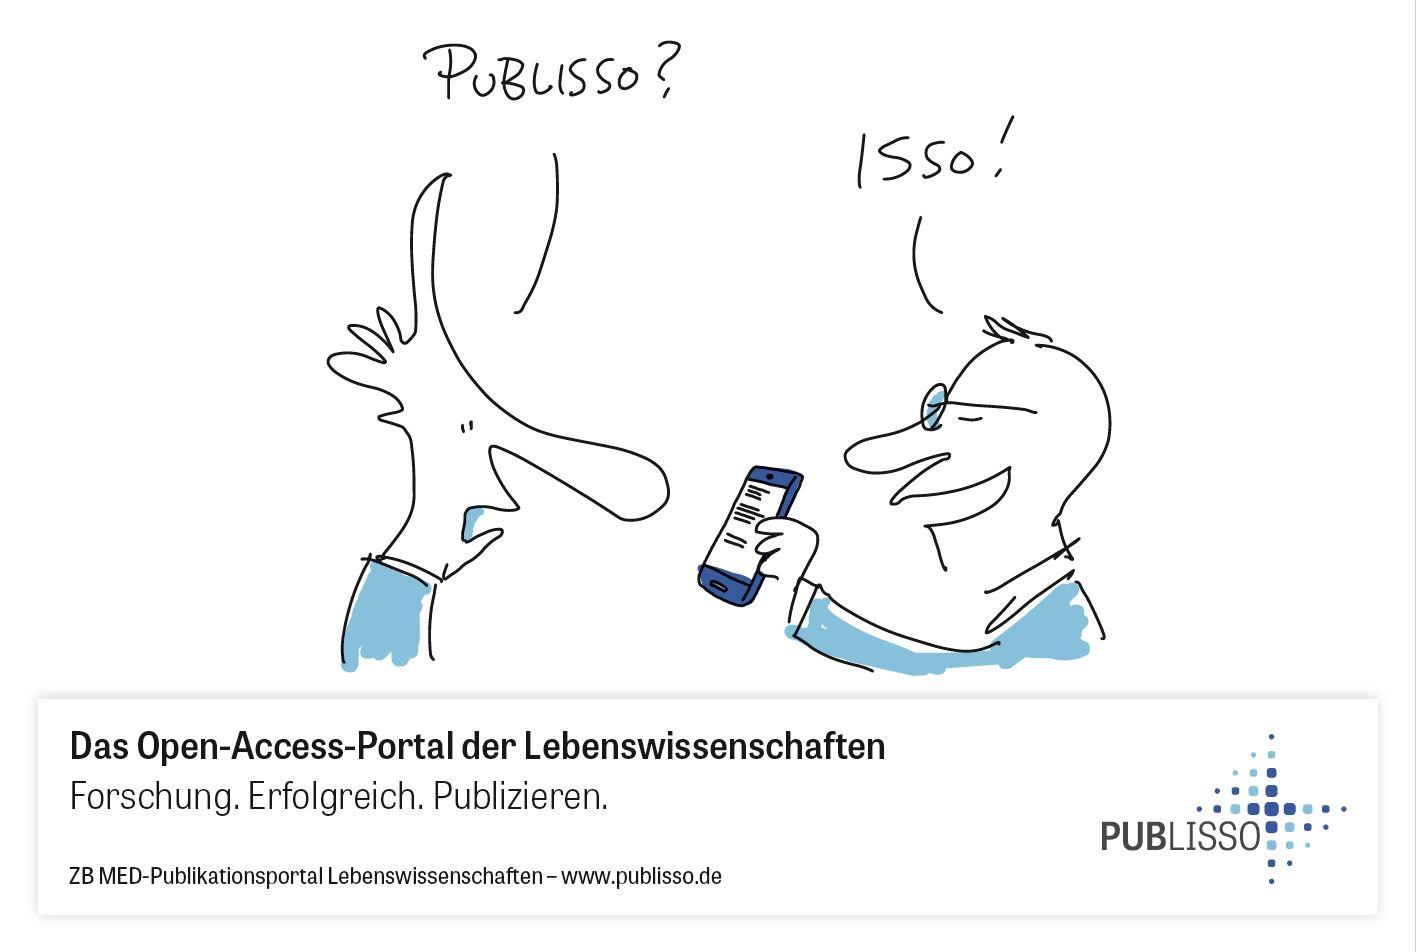 """Ein Mann zeigt einem anderen sein Smartphone. Er fragt: """"Publisso?"""","""